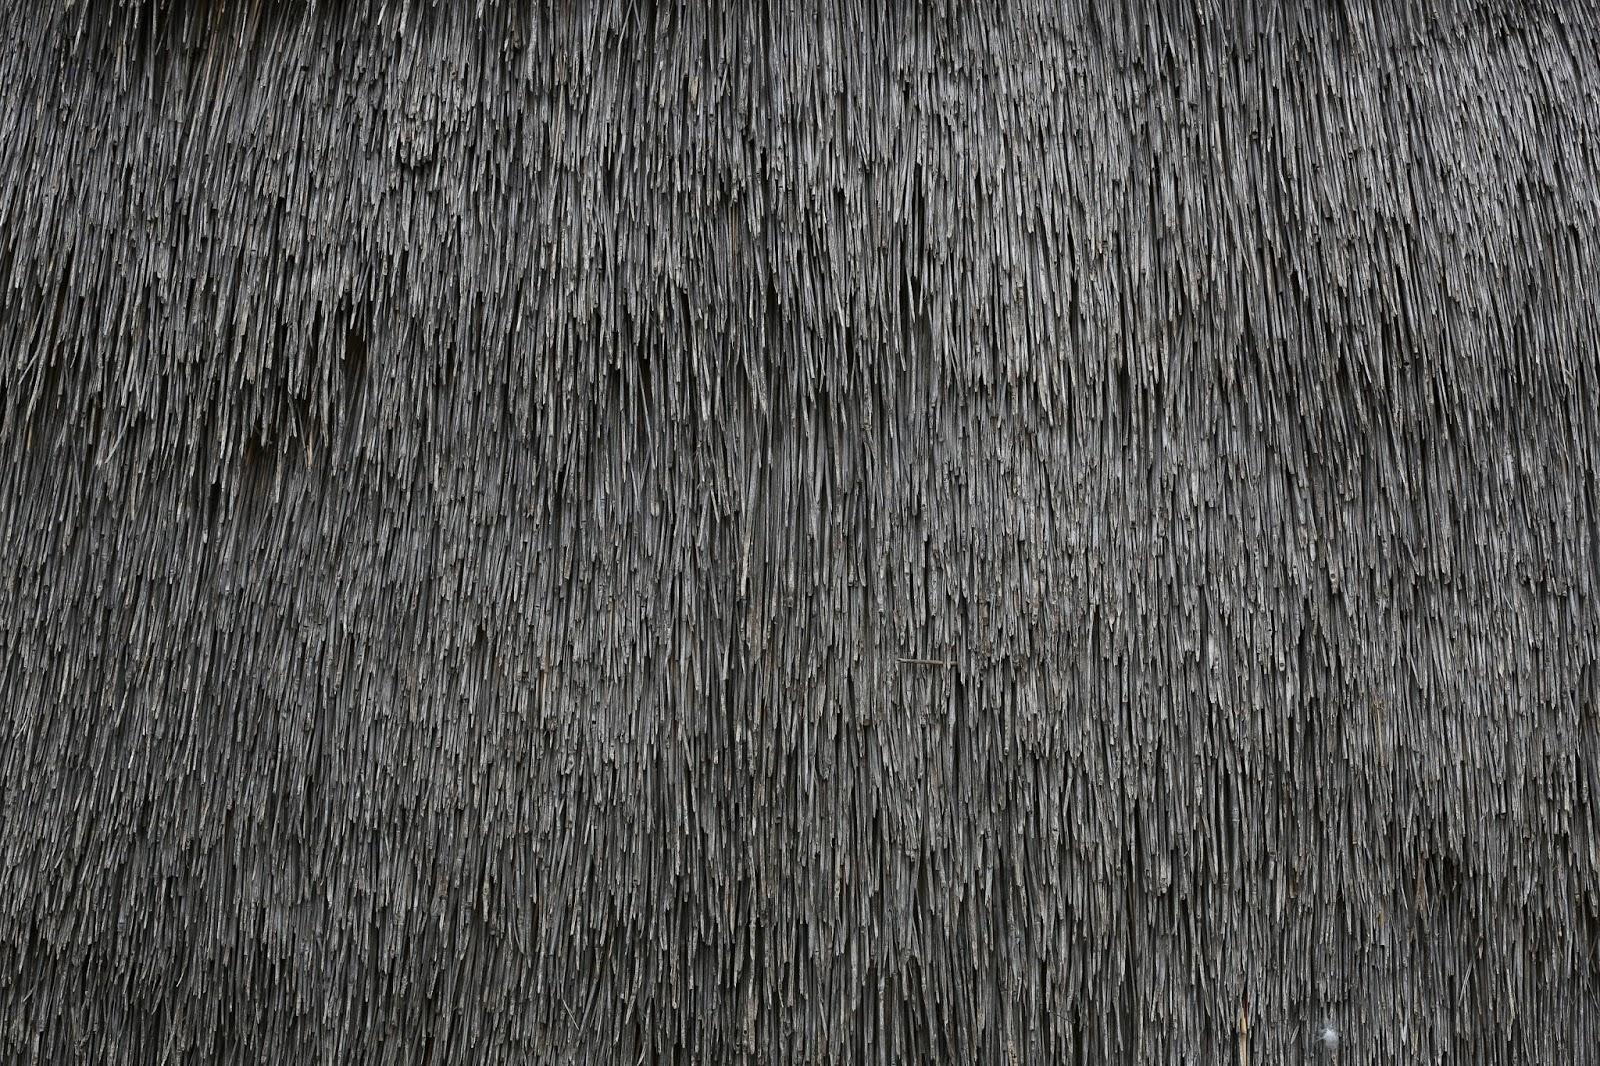 Wood Thatch 3768